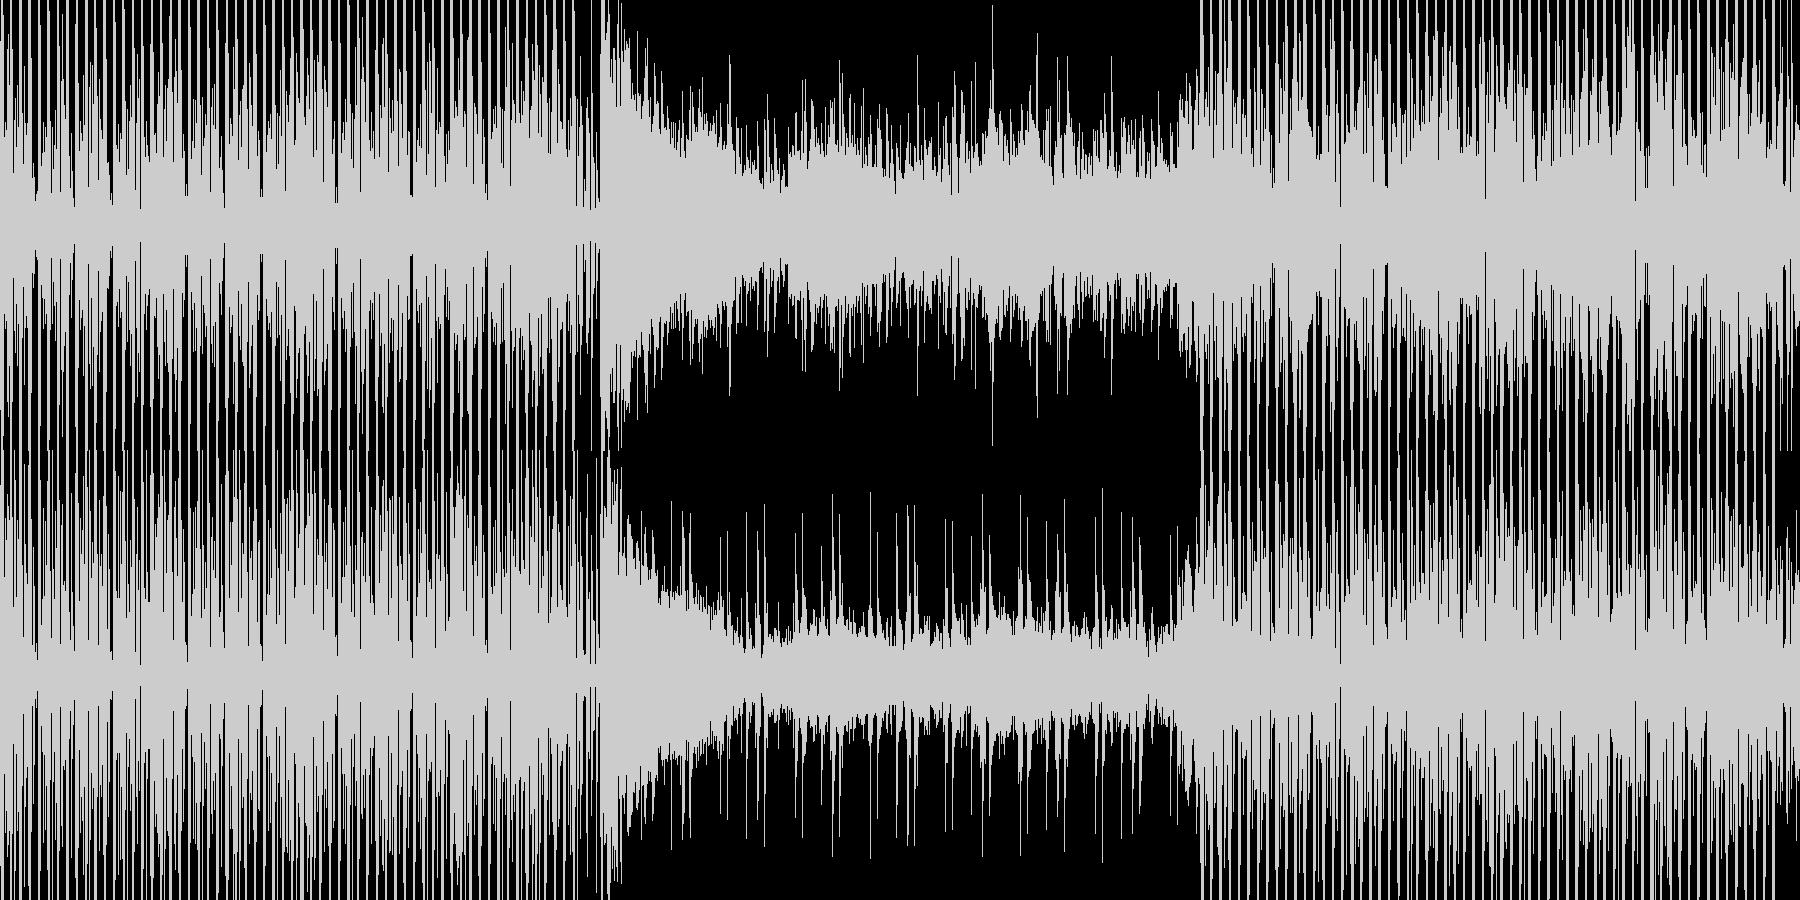 ハウス ダンス プログレッシブ 透...の未再生の波形